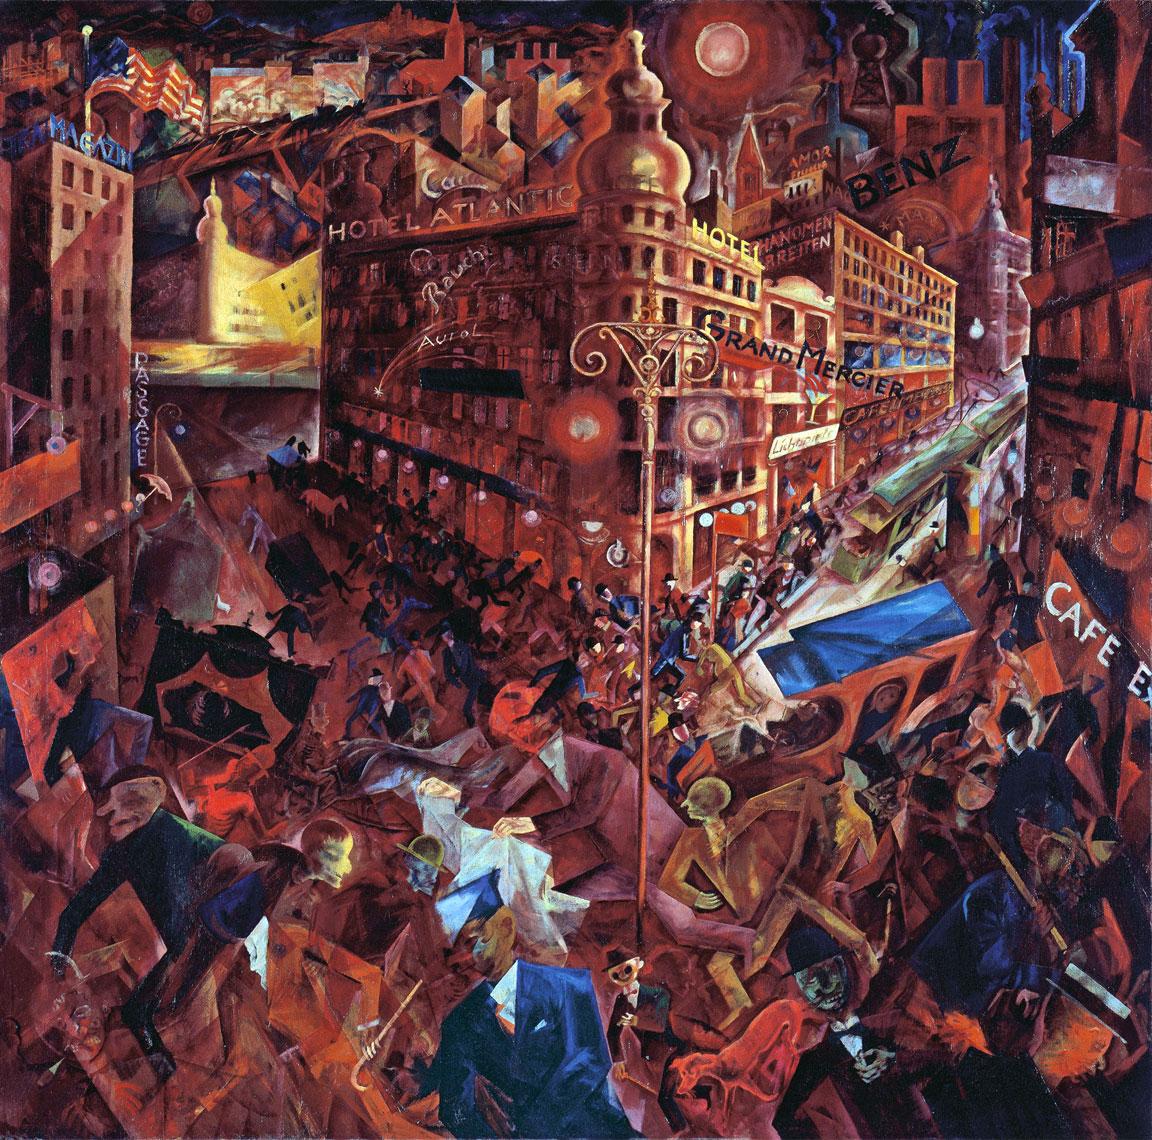 Metropolis - Opera famosa di George Grosz